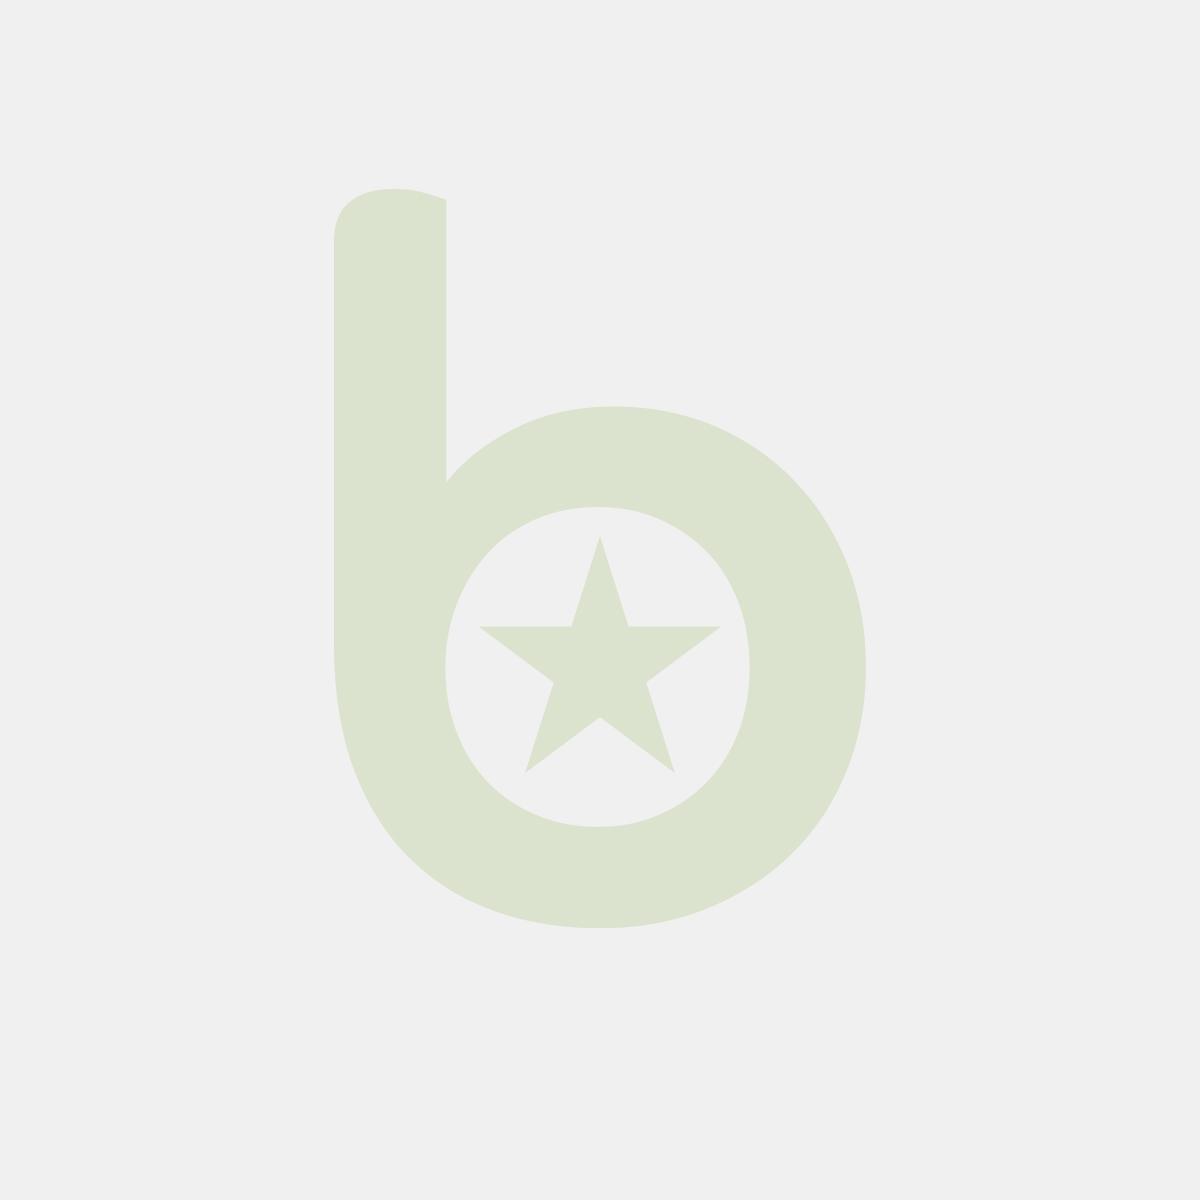 Marker do tablic SCHNEIDER Maxx 293, ścięty, 2-5mm, zielony